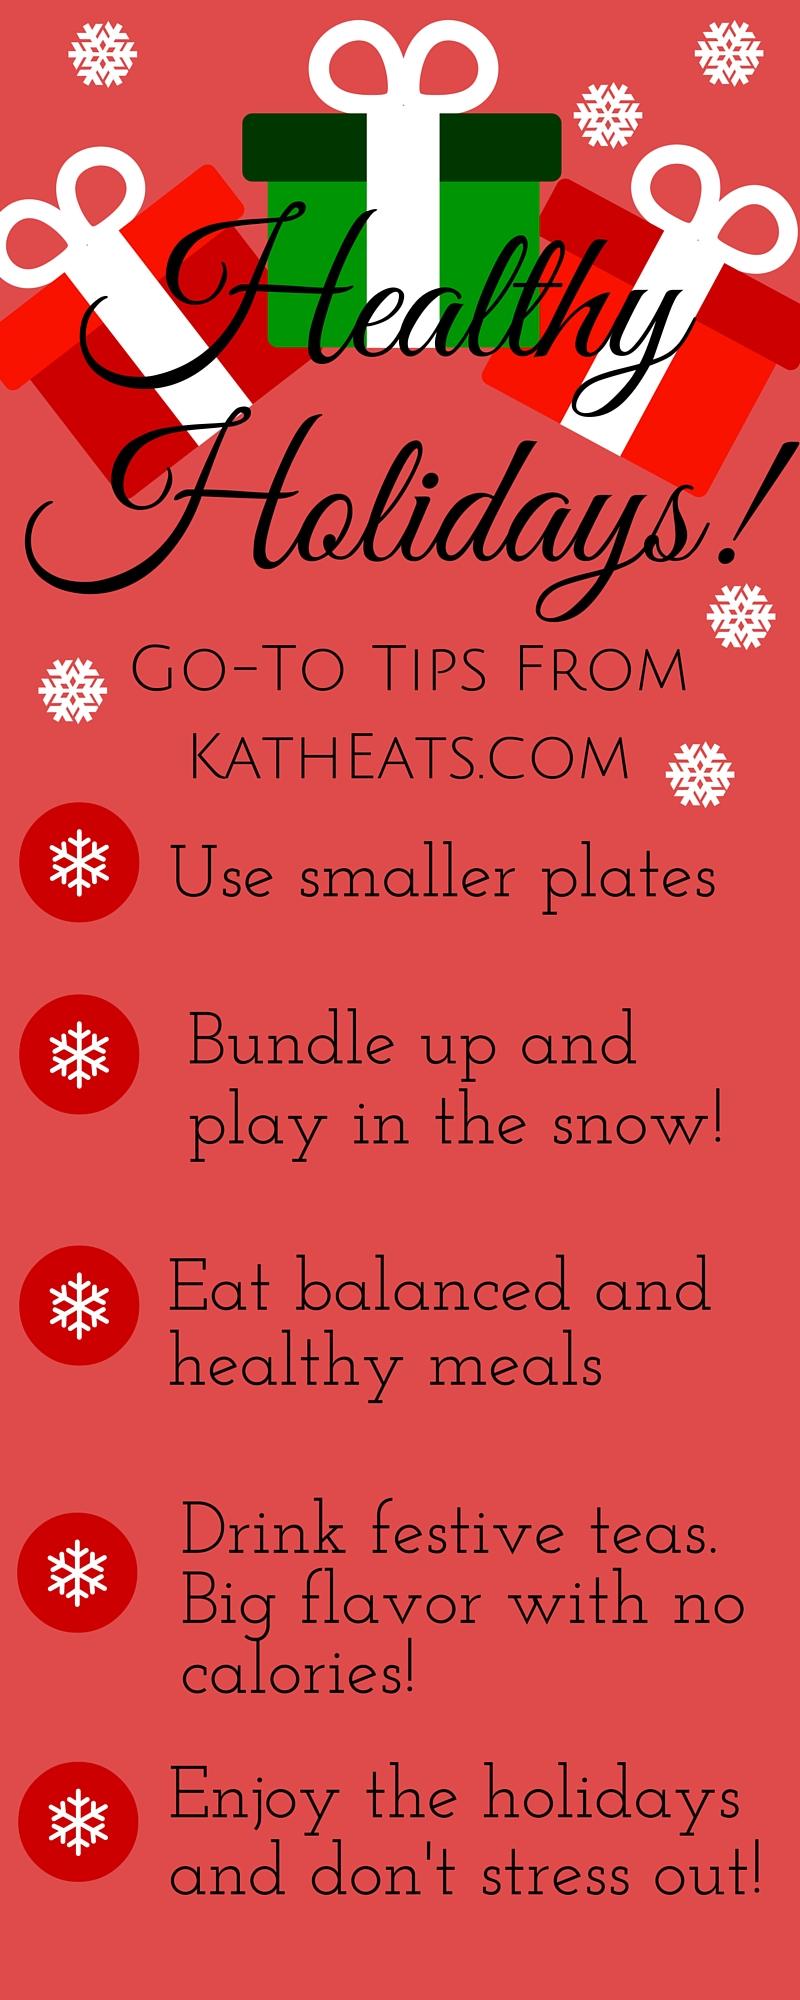 Healthy Holidays from Katheats.com